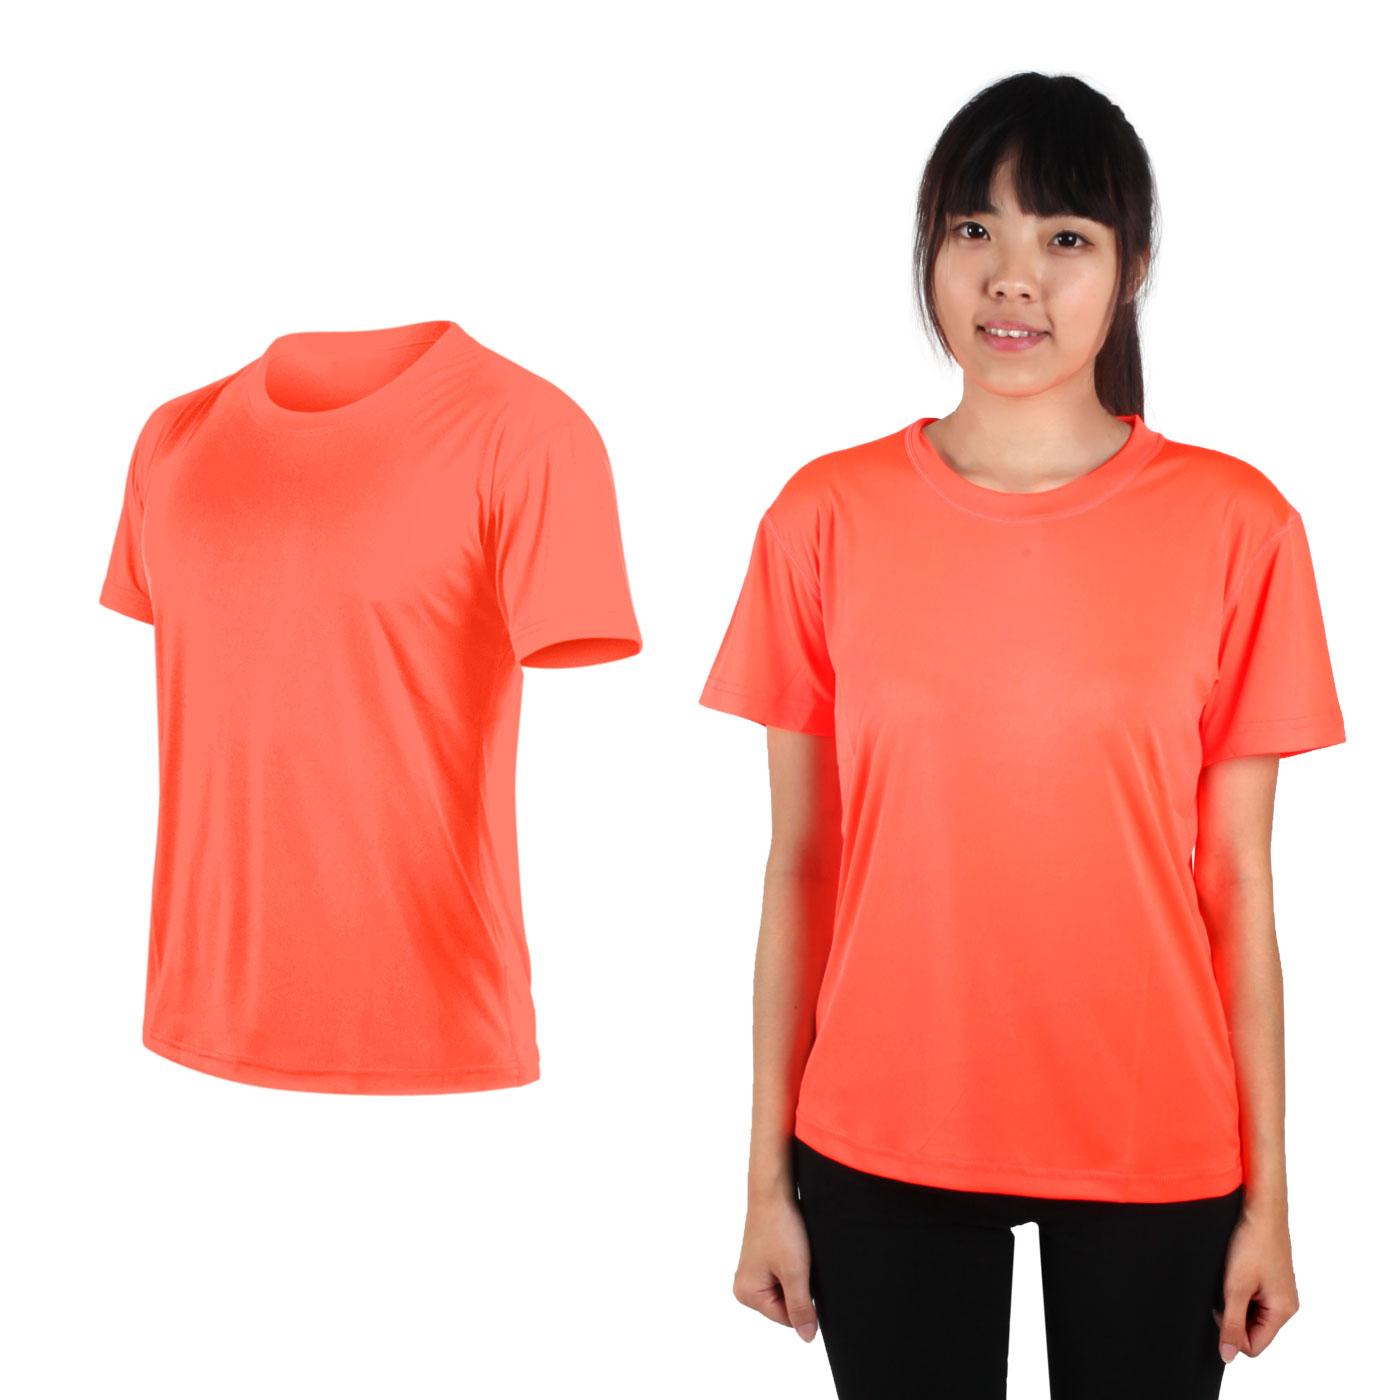 HODARLA  FLARE 300 超柔肌膚排汗衫3109303 - 粉橘